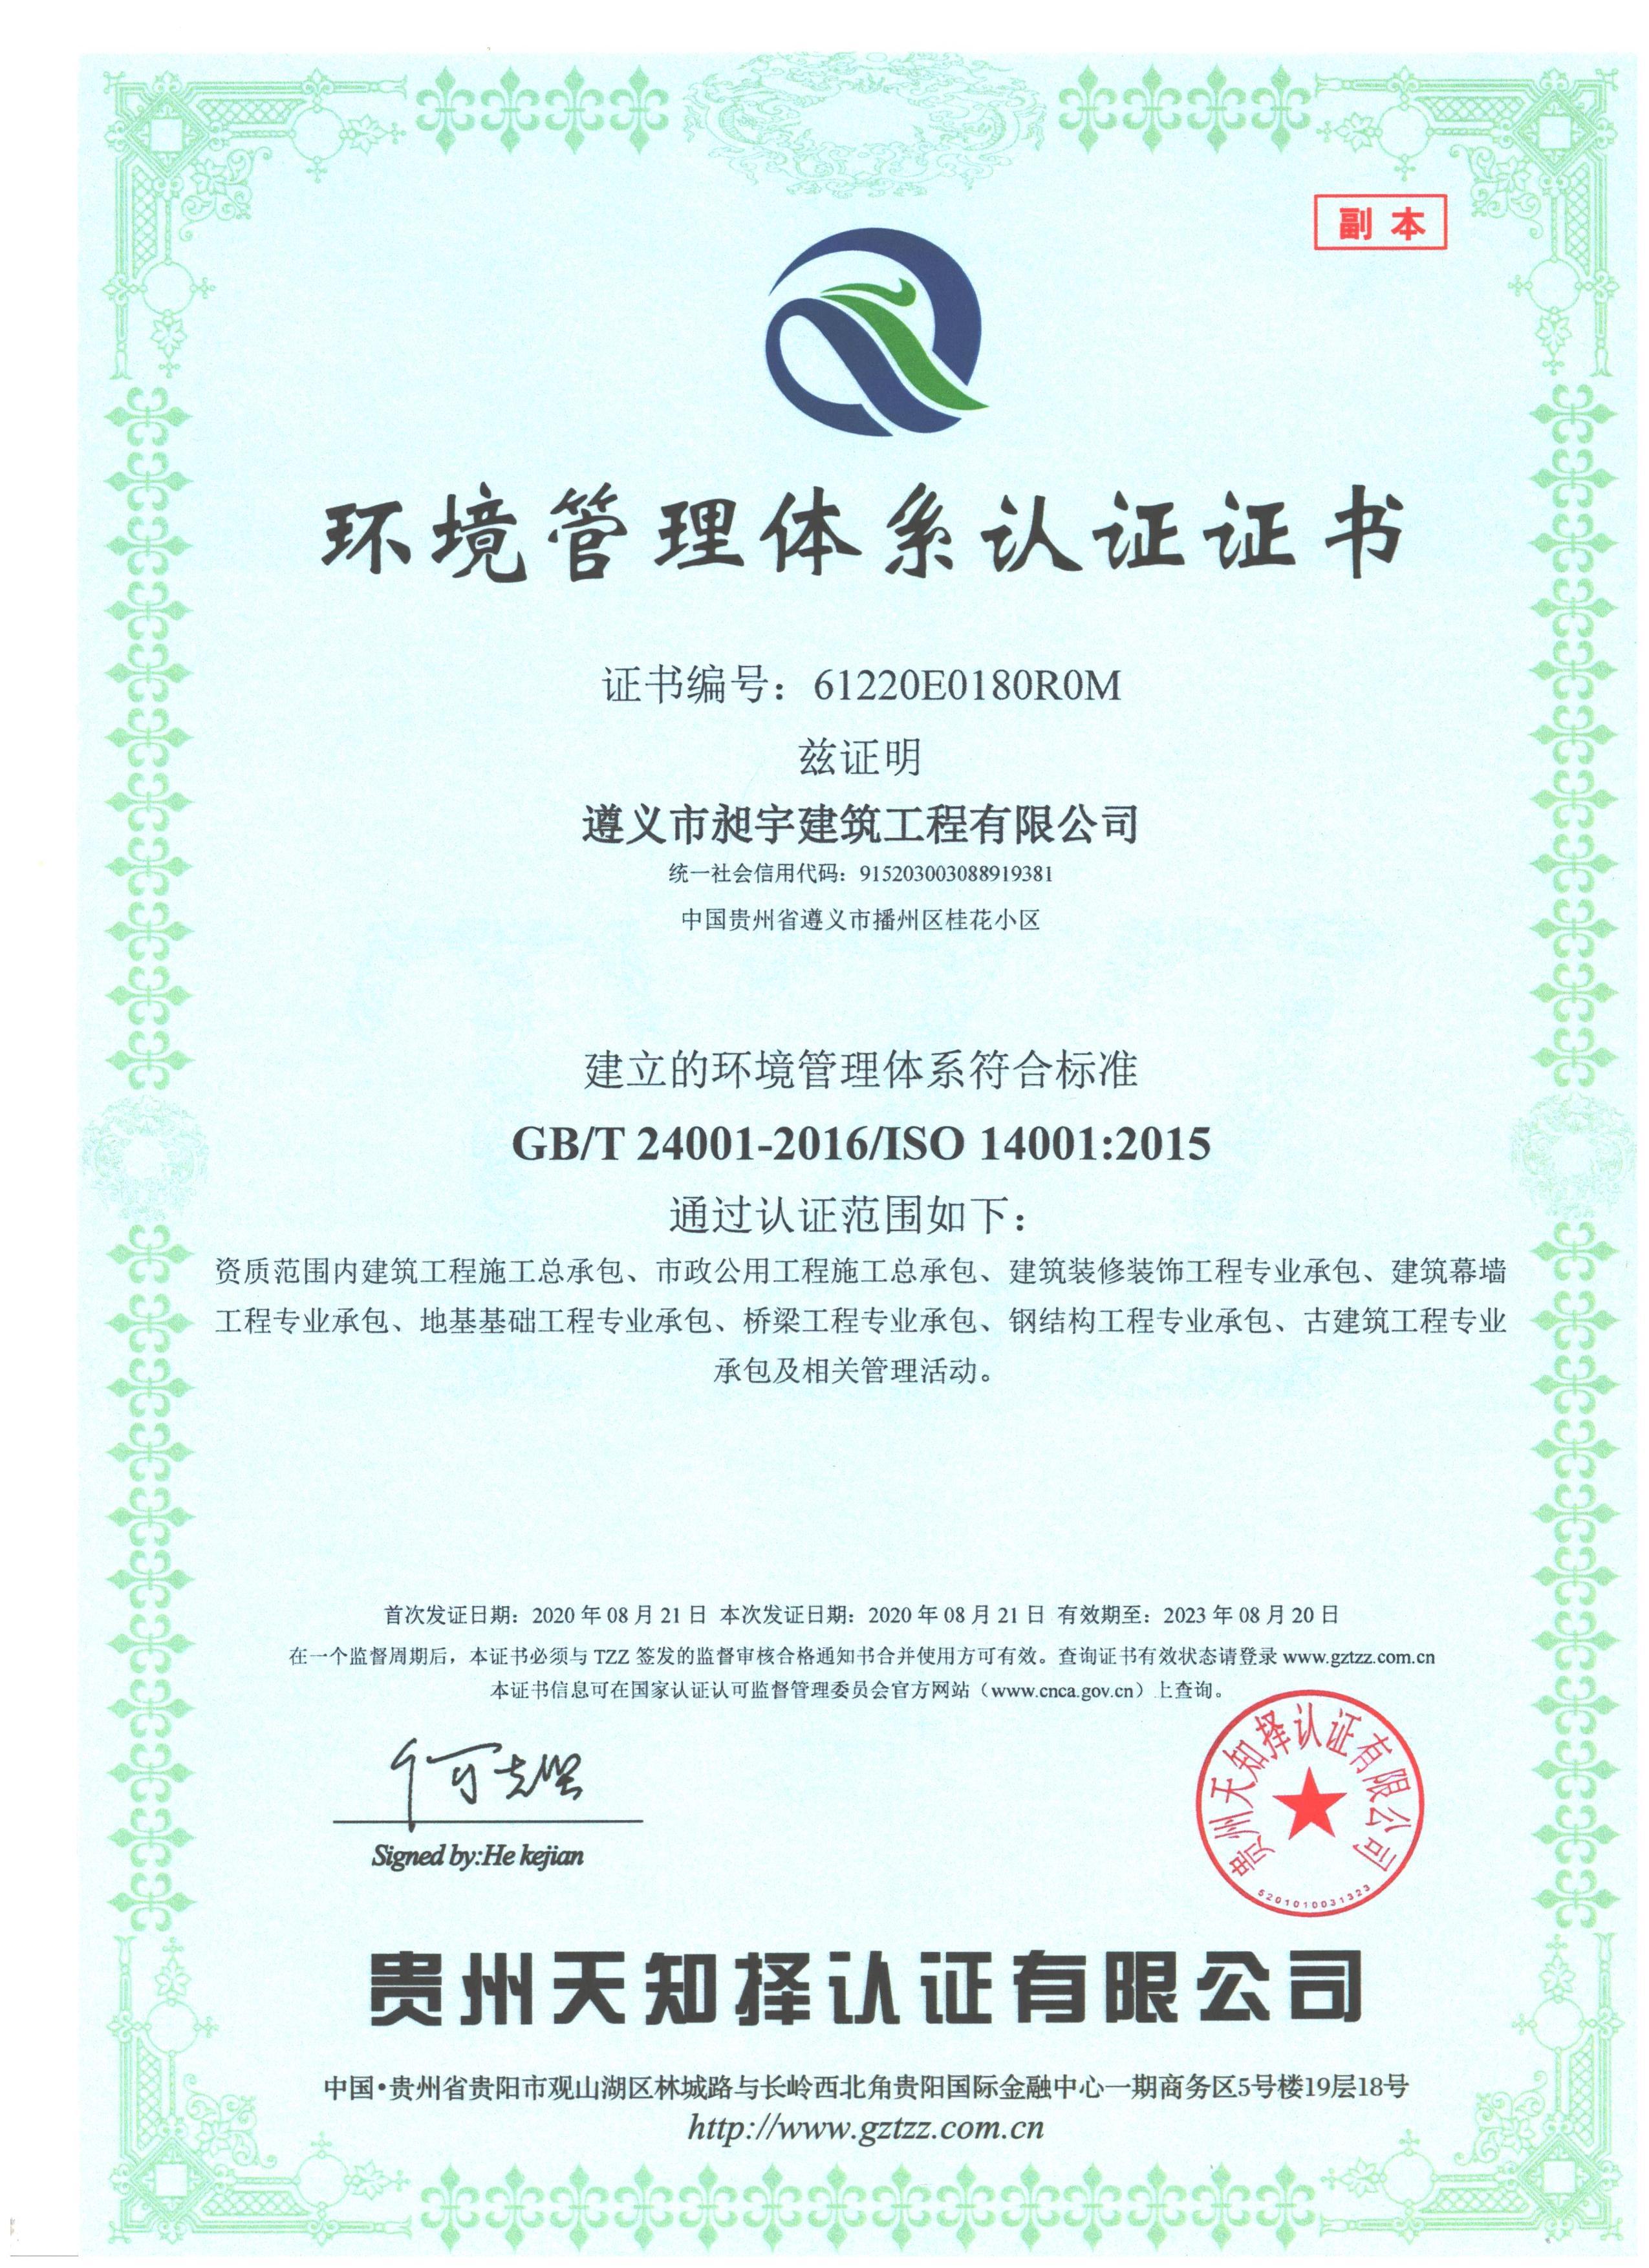 環境管理體條認證證書